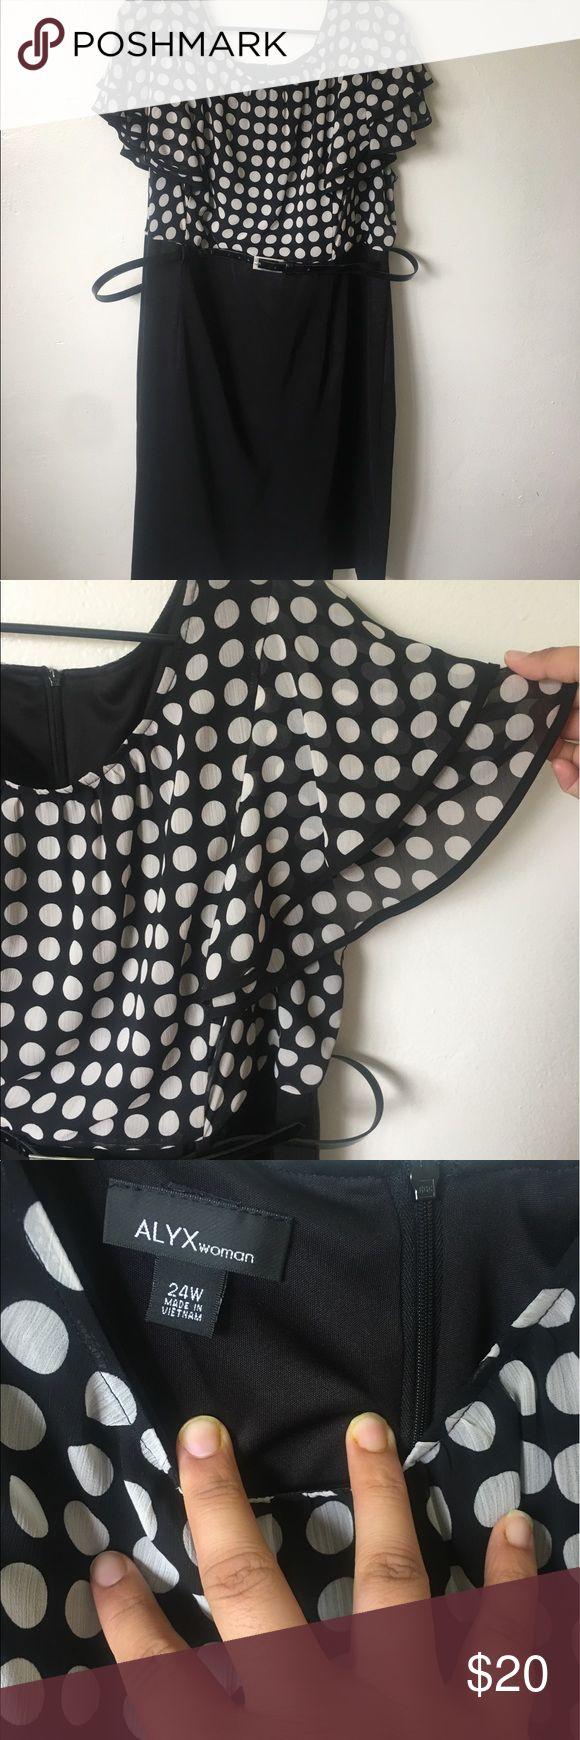 Work dress Cute work dress, polka dot chiffon top, spandex skirt Dresses Midi